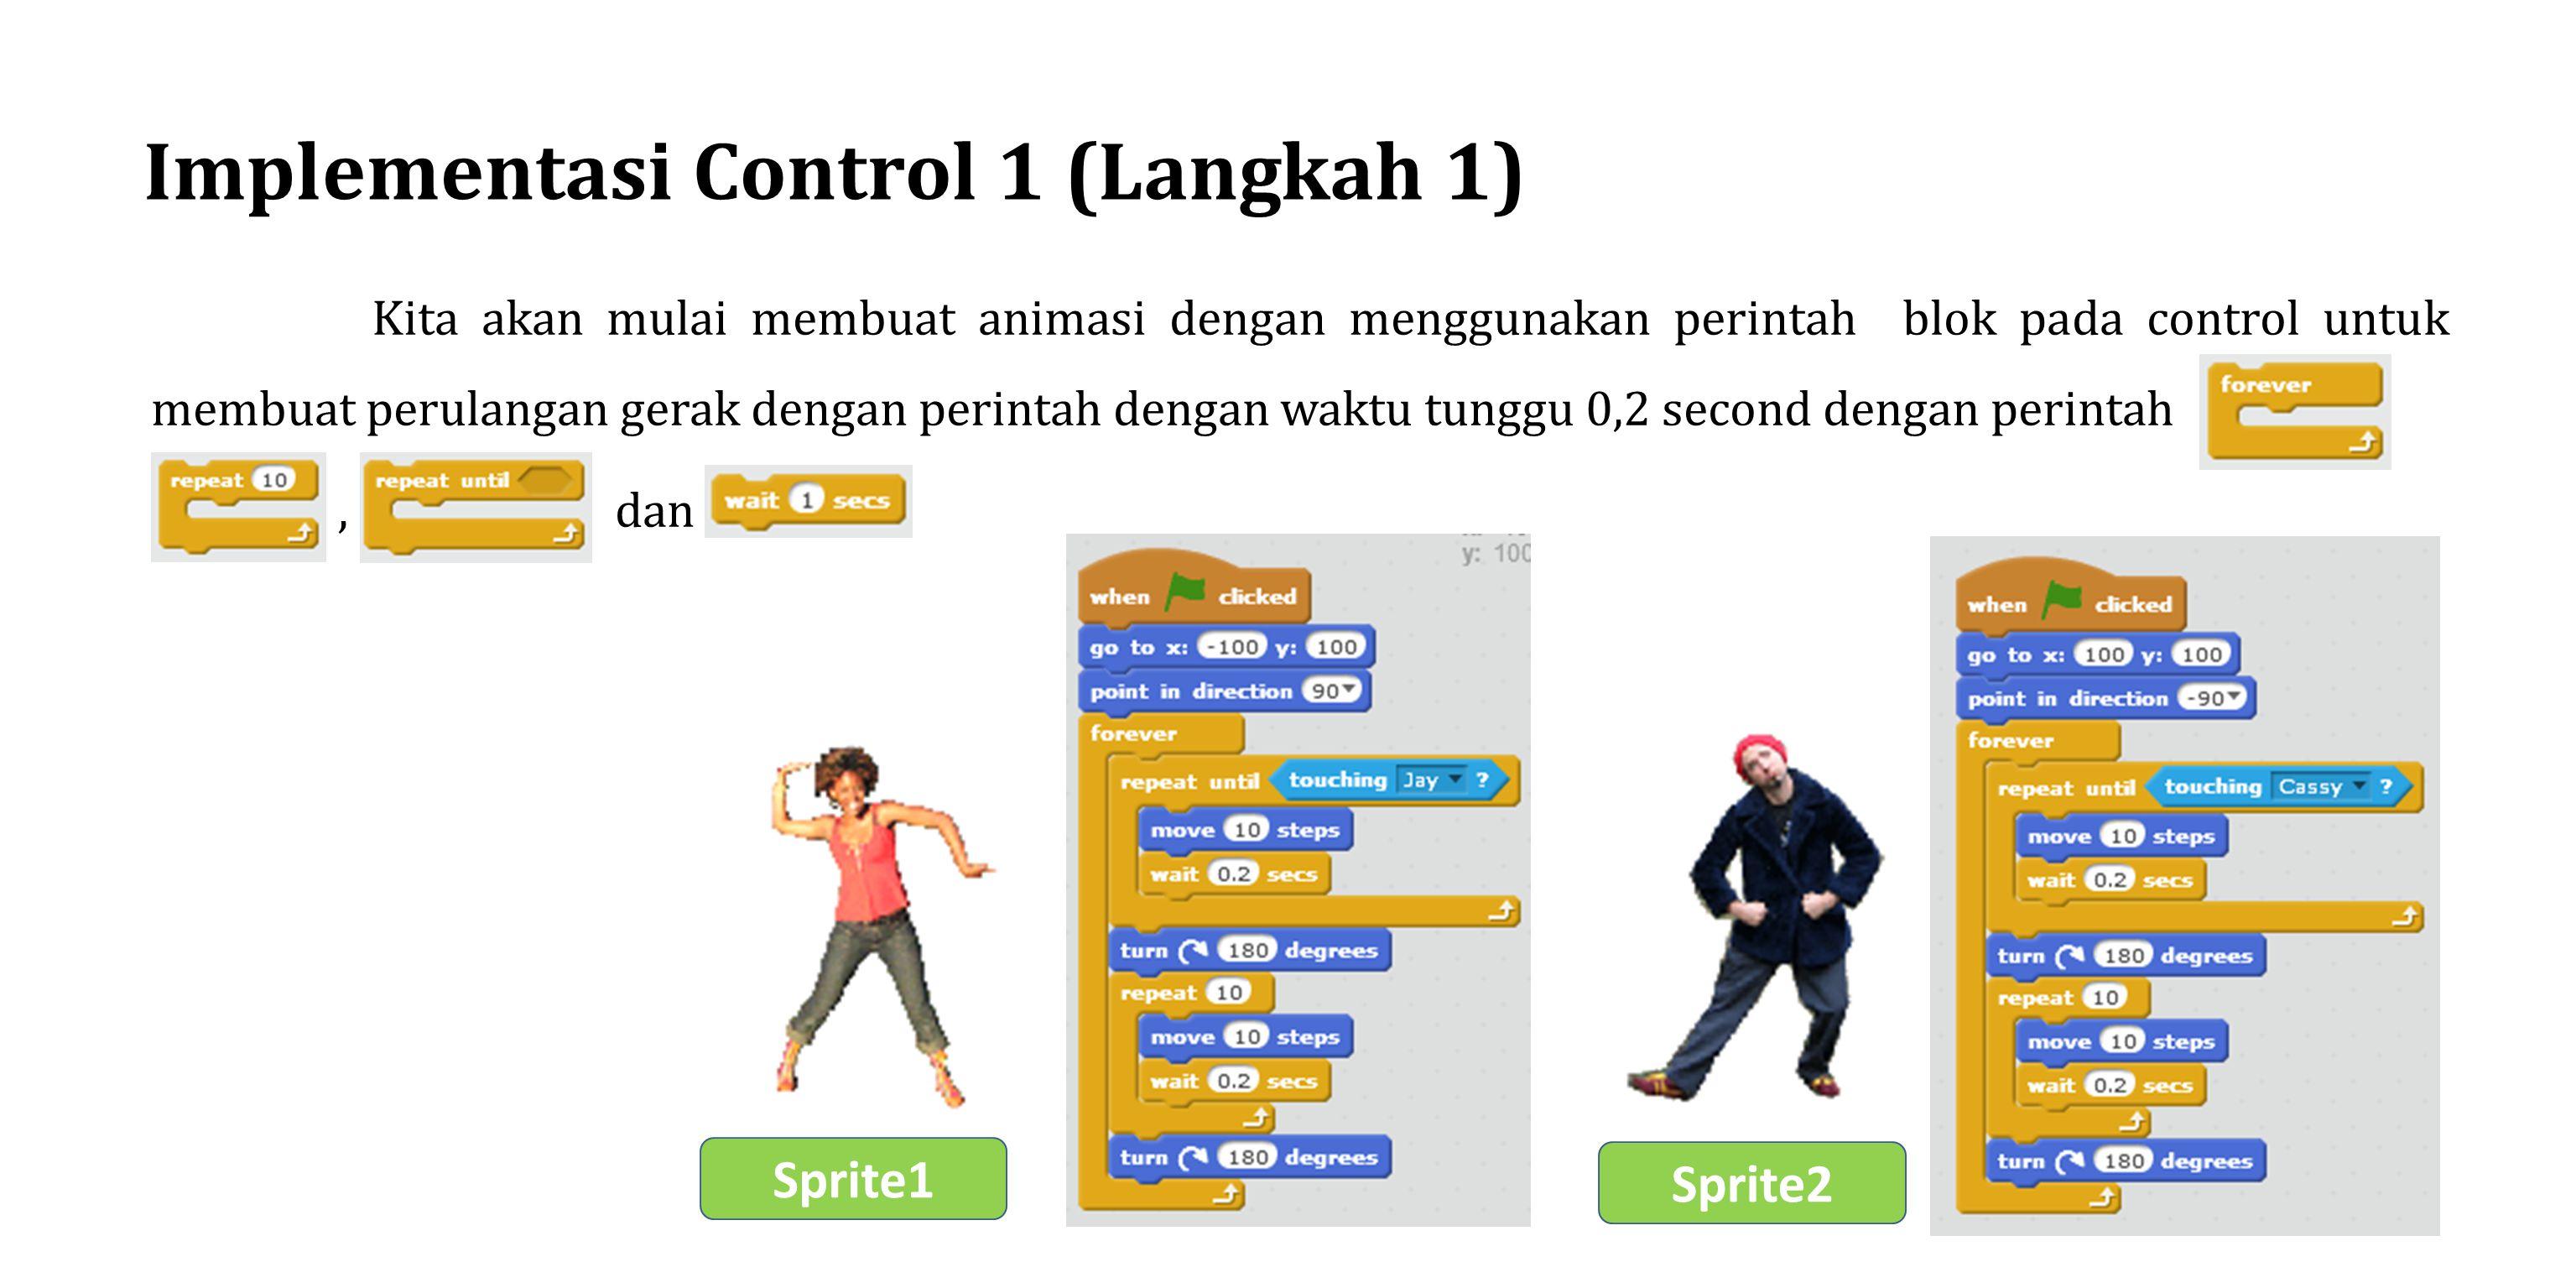 Implementasi Control 1 (Langkah 1) Kita akan mulai membuat animasi dengan menggunakan perintah blok pada control untuk membuat perulangan gerak dengan